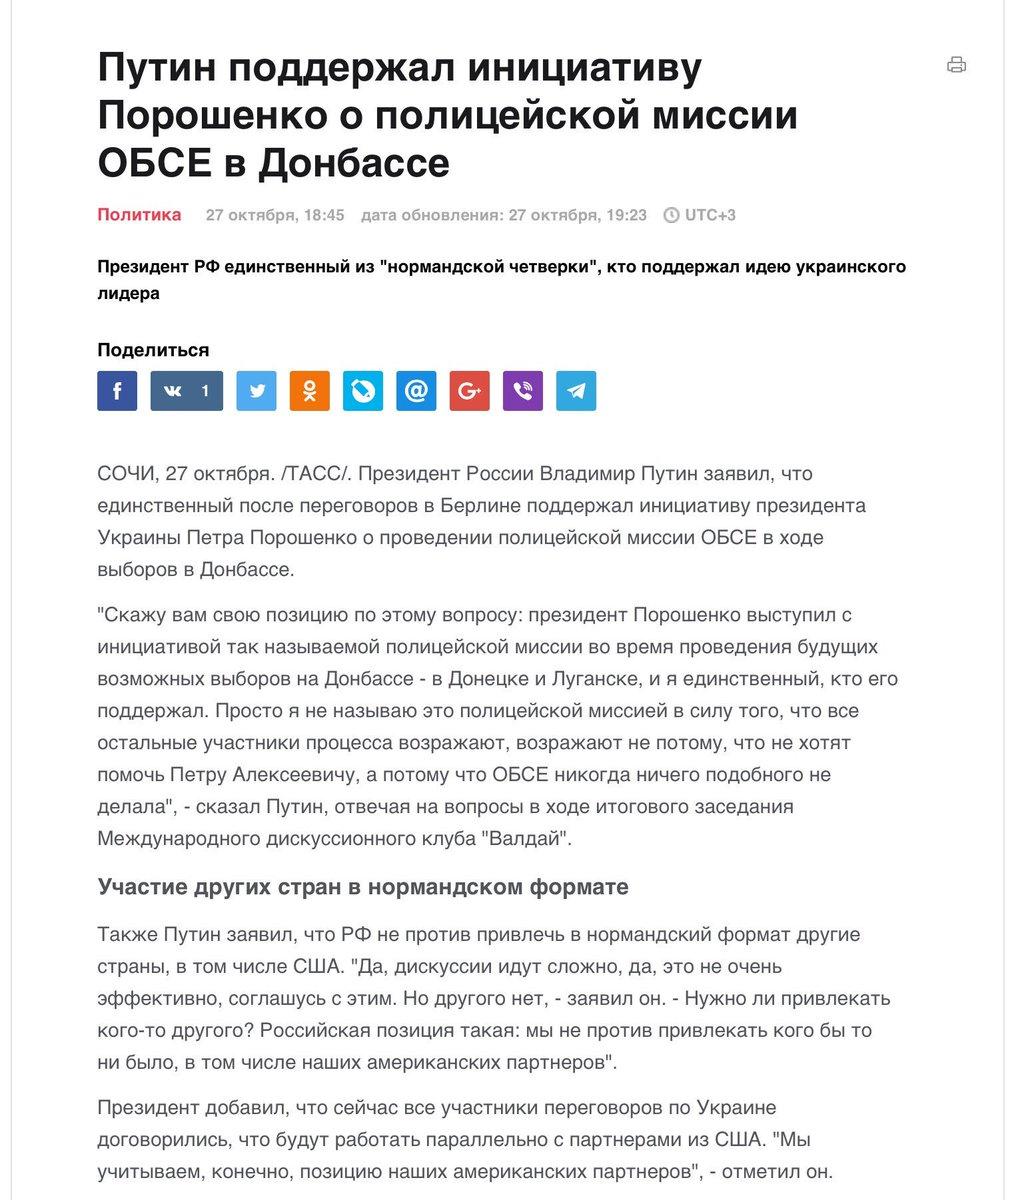 """Путин о """"нормандском формате"""": """"Мы не против привлекать кого бы то ни было, в том числе и наших американских партнеров"""" - Цензор.НЕТ 5286"""